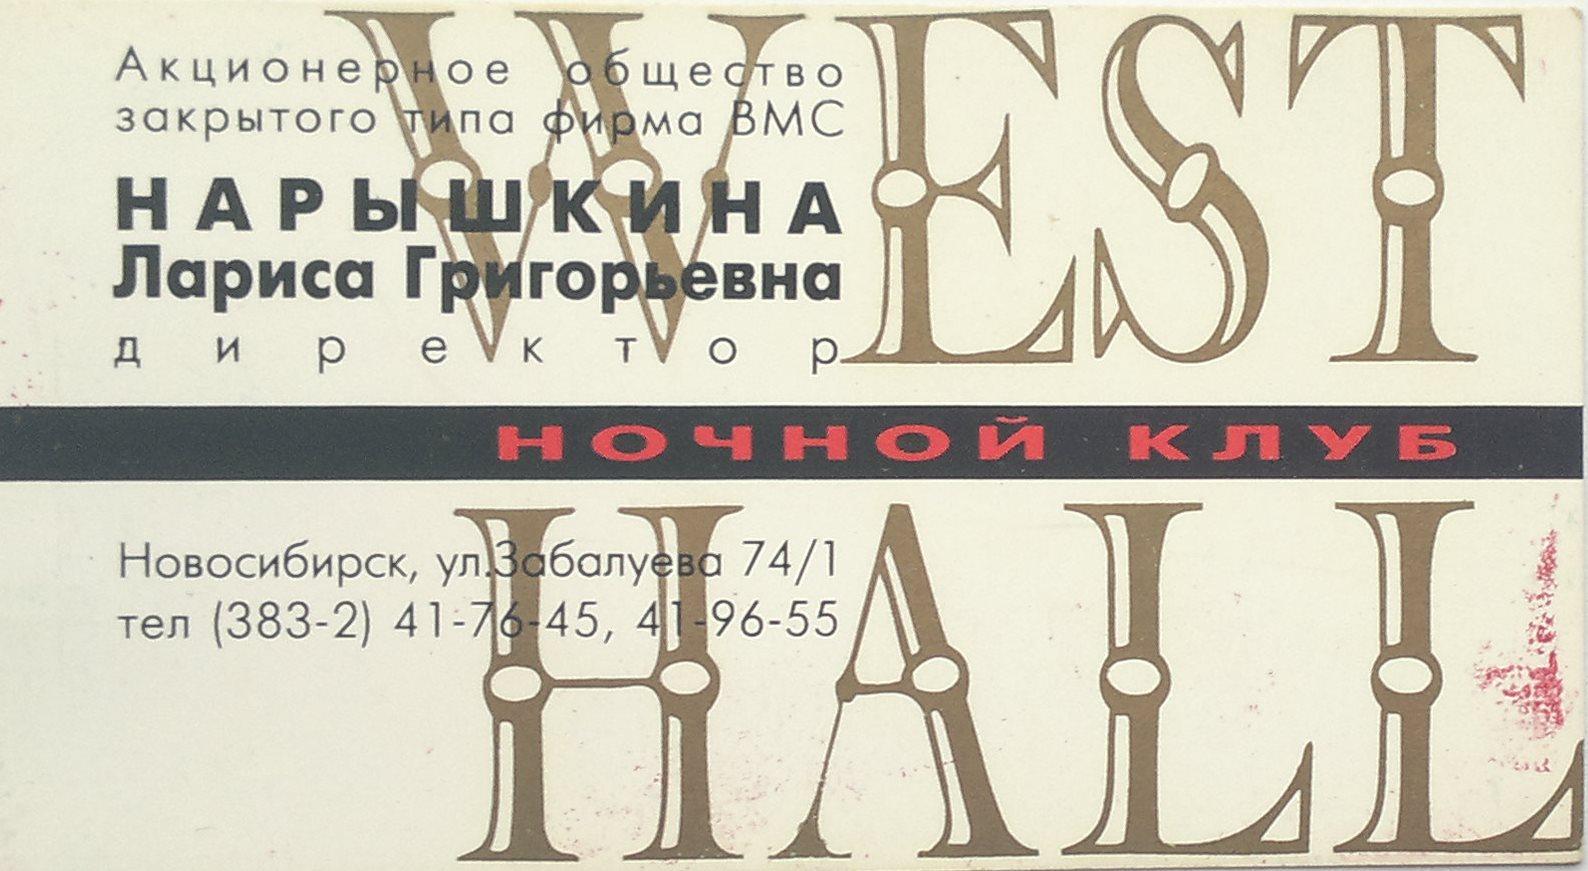 Ночной клуб на западном новосибирск официальный сайт клуба цс москва